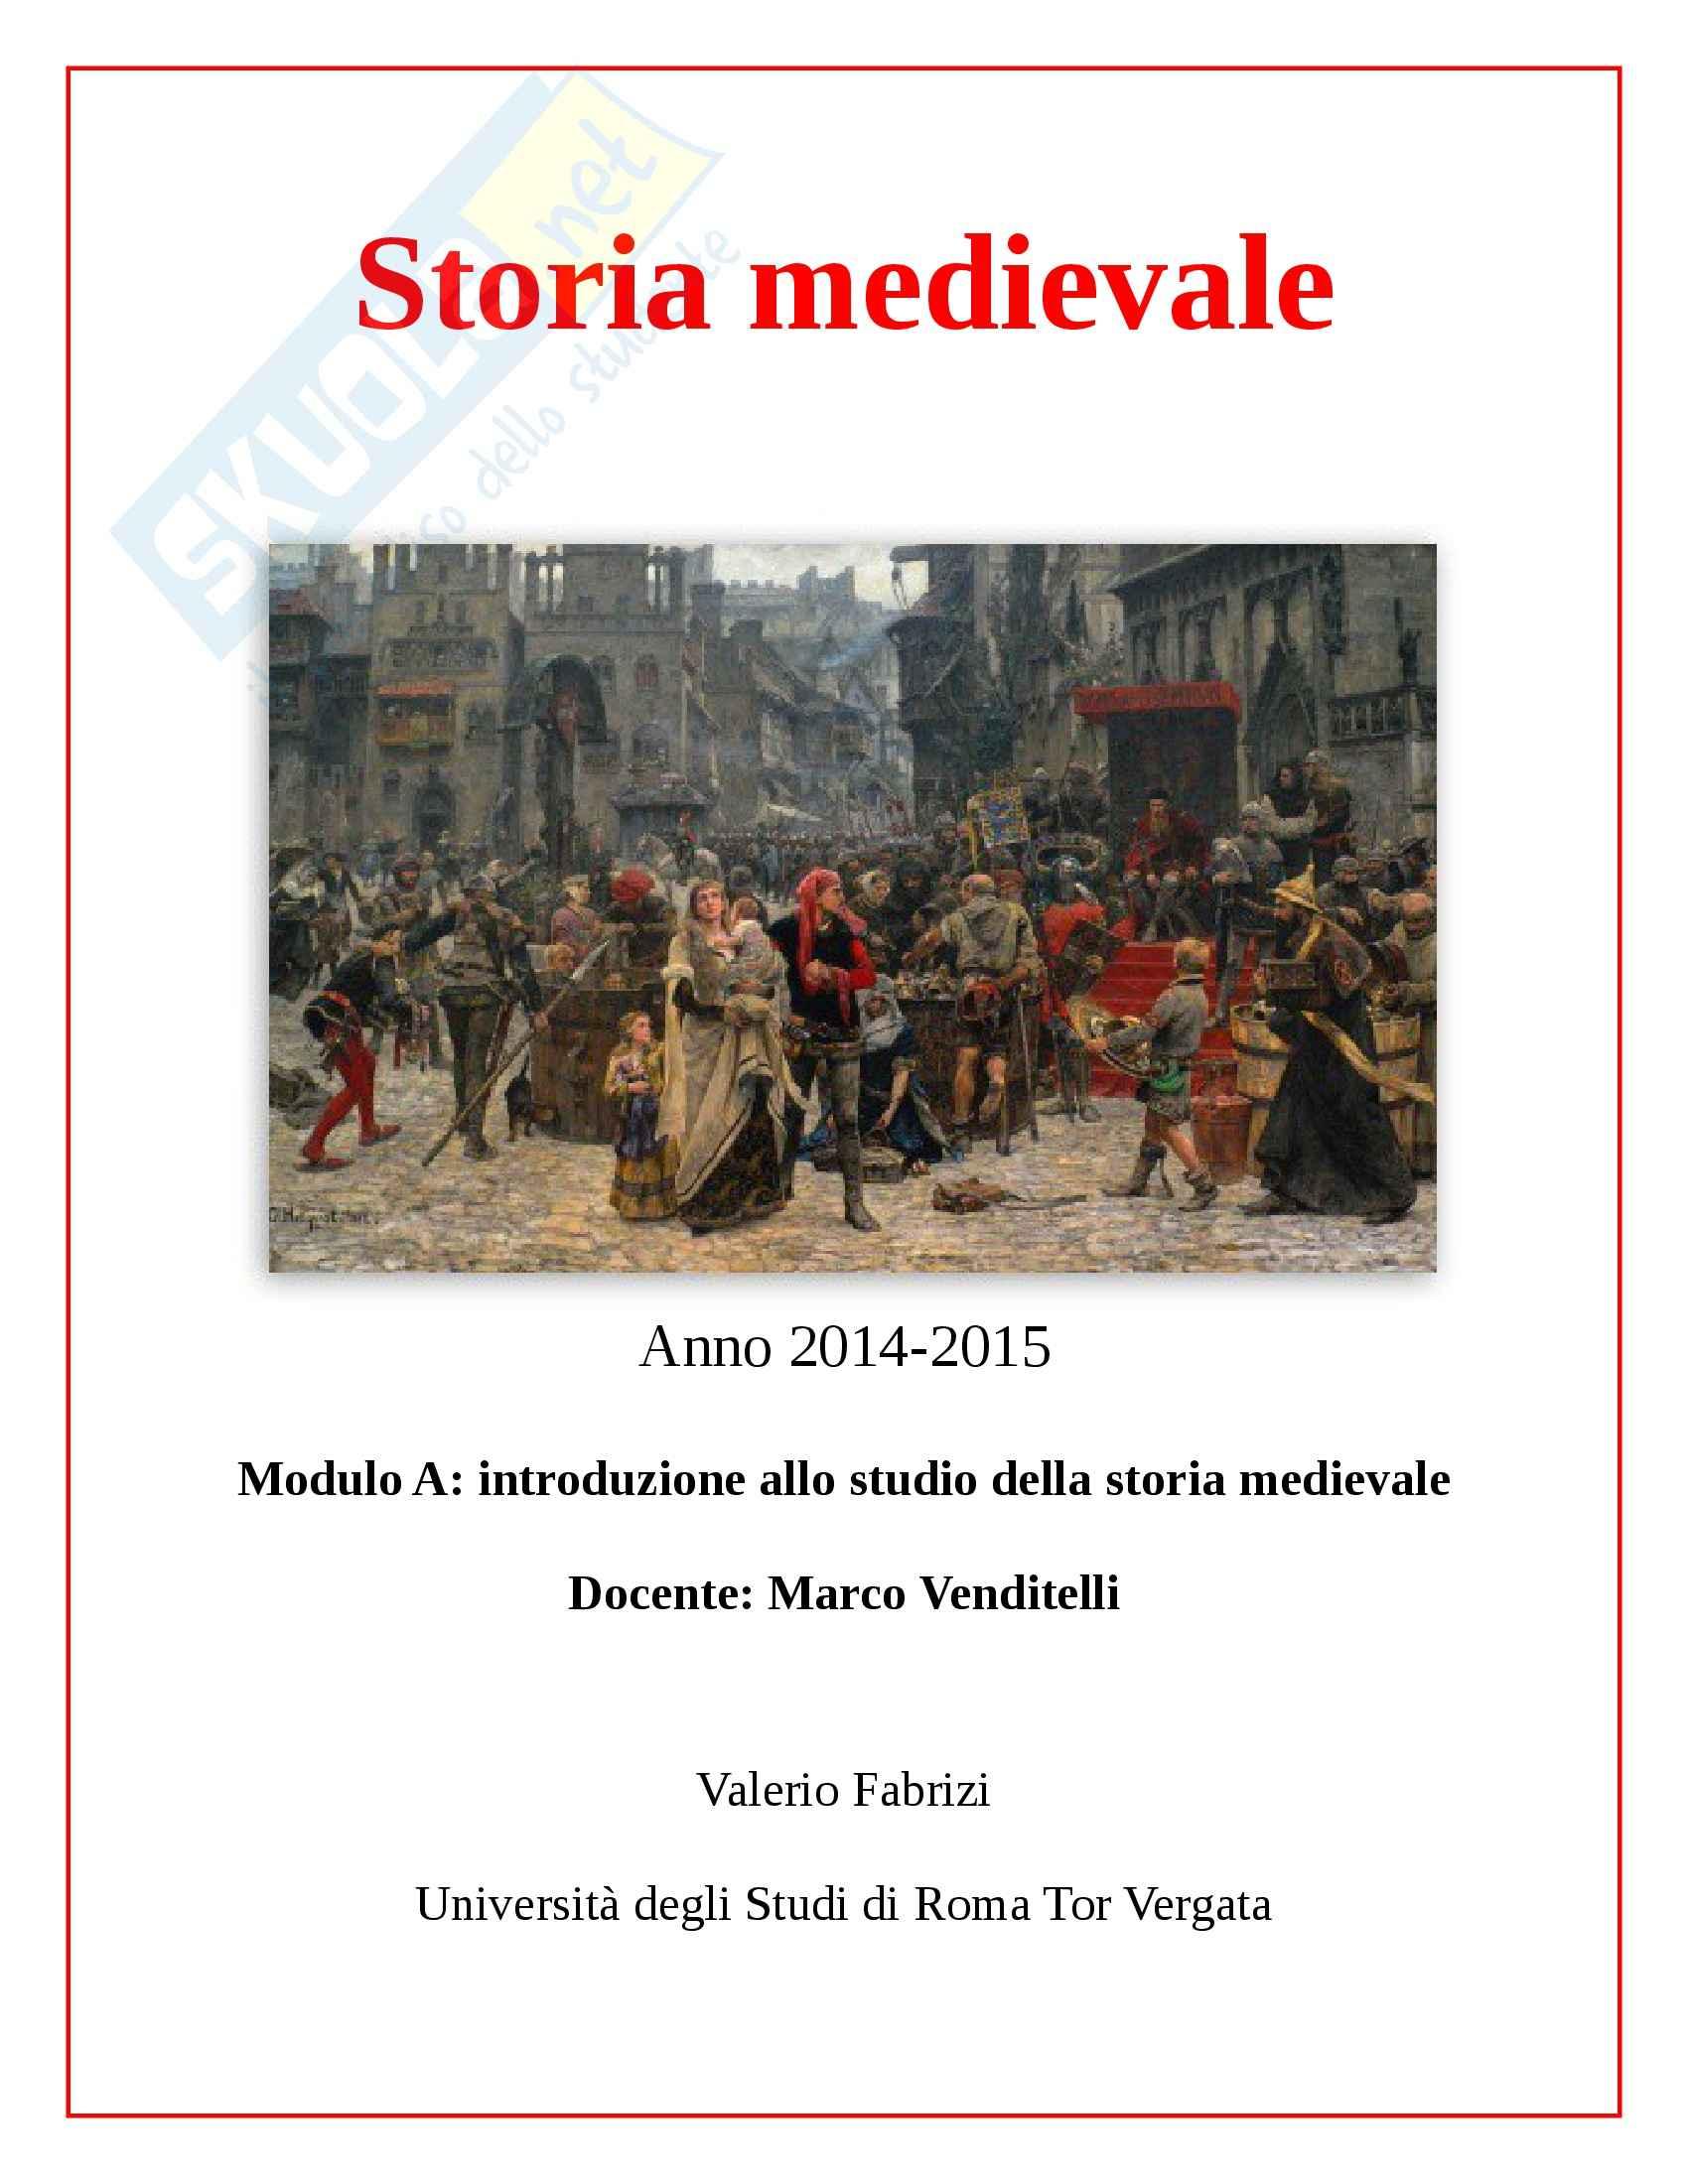 appunto M. Venditelli Storia medievale